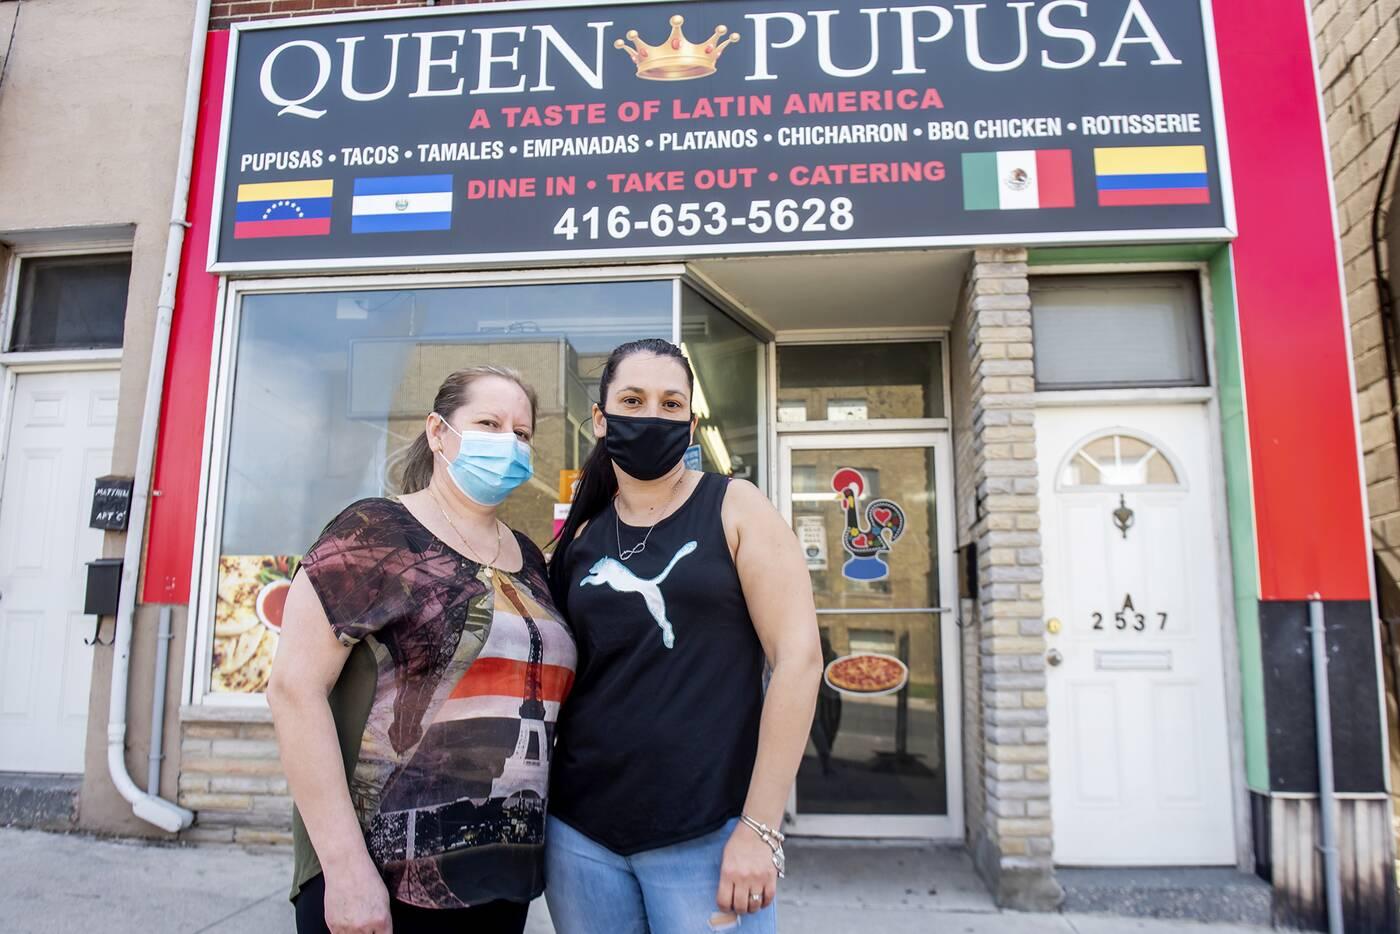 Queen Pupusa